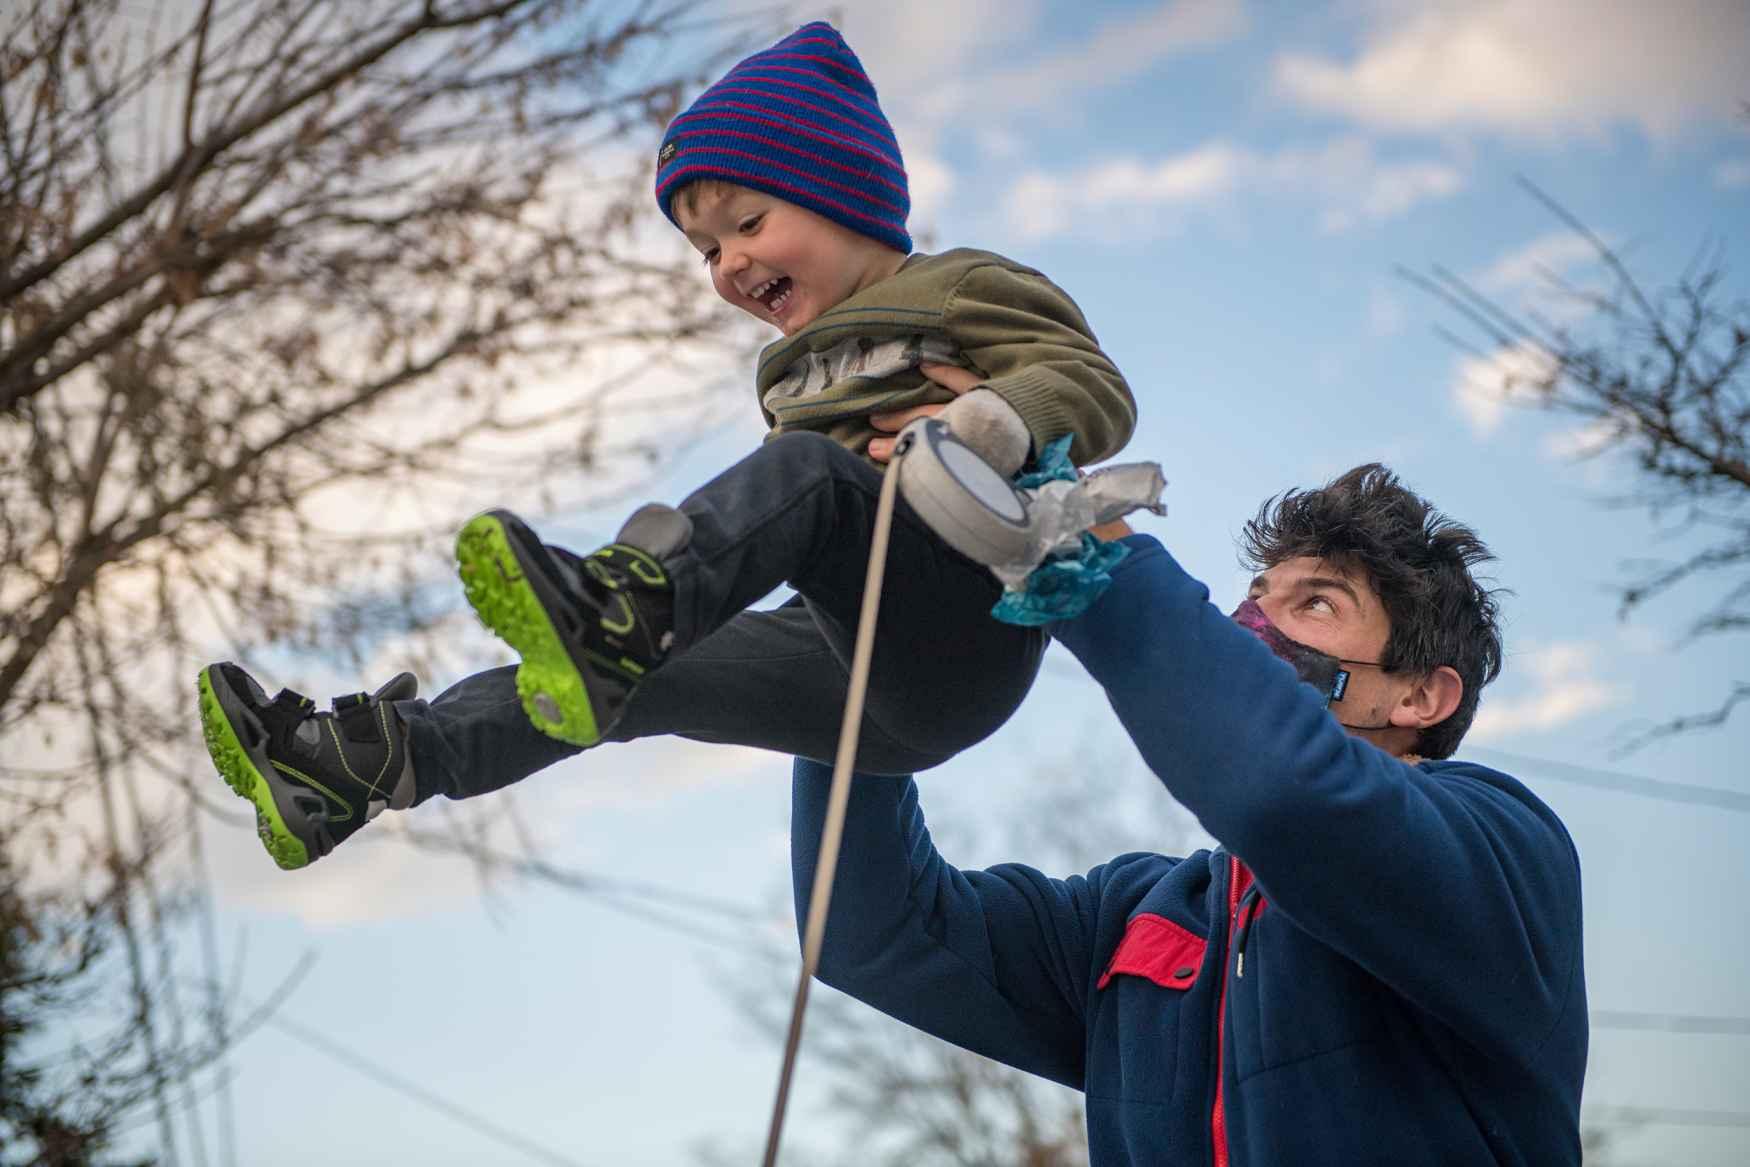 De MADDOX WARM GTX HI laat zien wat er gebeurt als je iets toevoegt aan een populair kinderschoenmodel. Dankzij de hogere schacht van de wintervariant is zelfs diepe sneeuw geen obstakel meer. De lekker zachte GORE-TEX Partelana-voering houdt de voeten heerlijk warm. Zodra de praktische speed-lacevetersluiting en het klittenband zijn vastgemaakt, kan de winterpret beginnen.